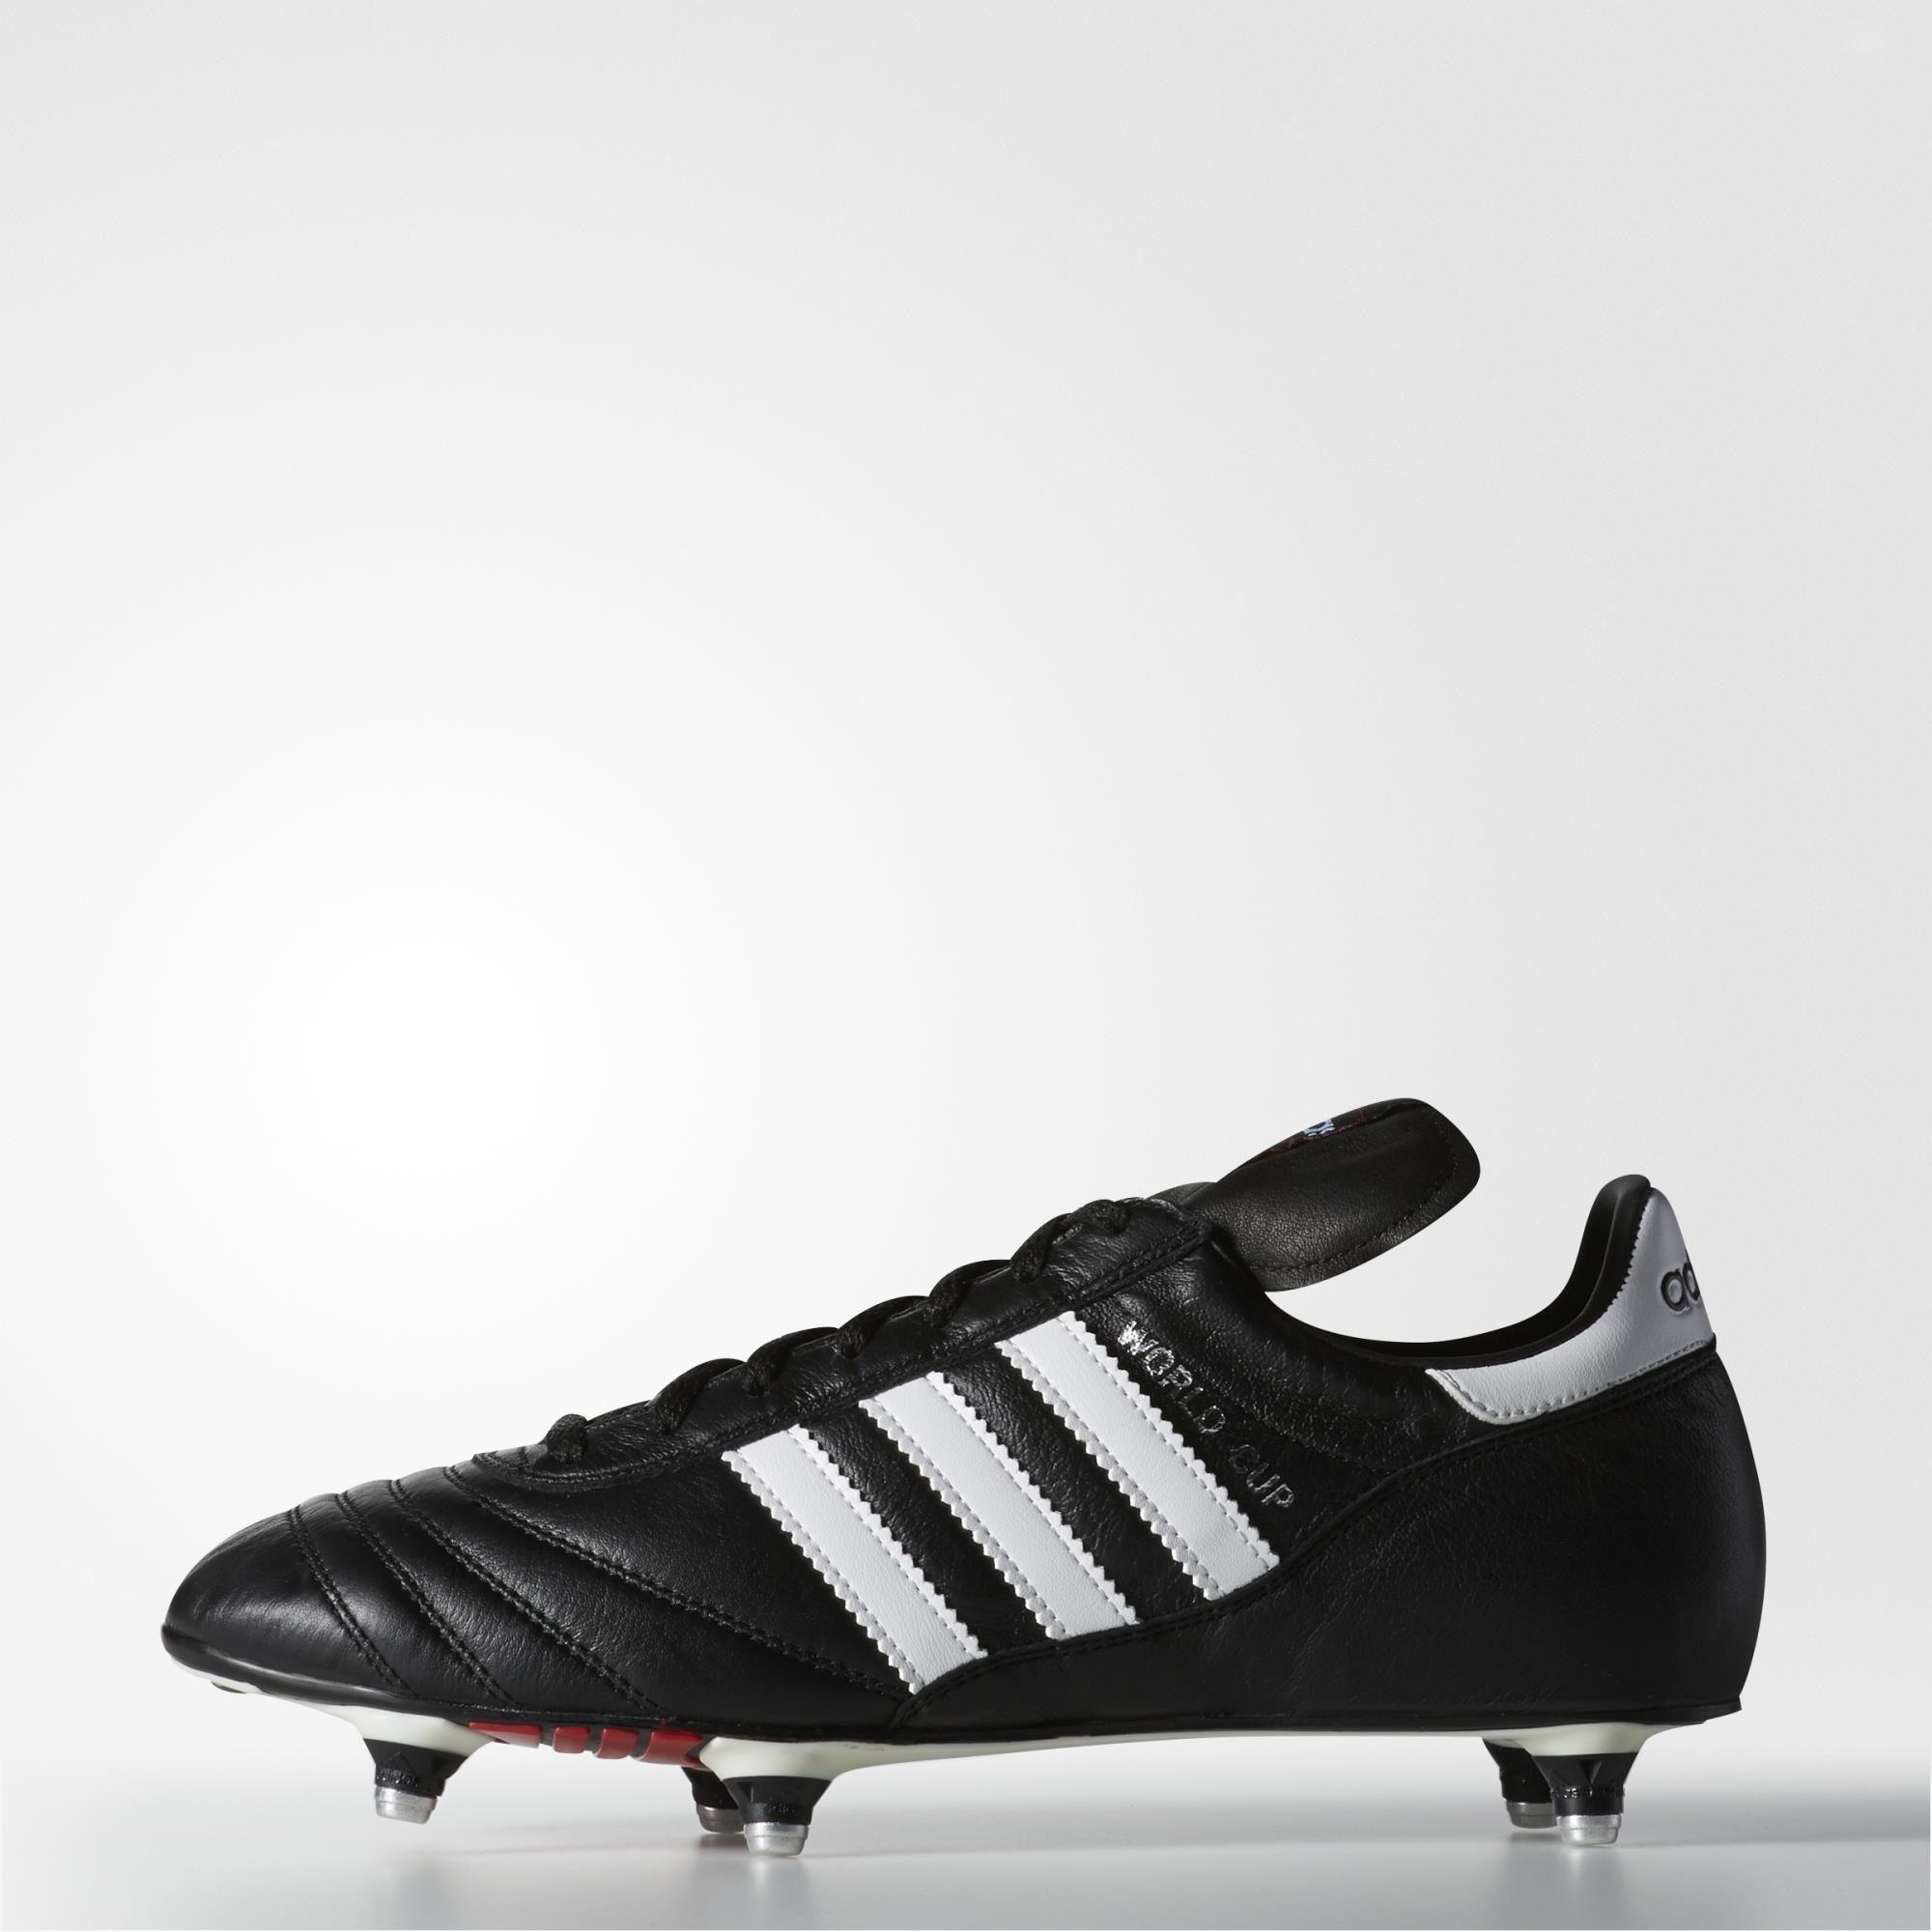 Adidas Copa Mundial Herren Fußballschuhe Stiefel Fußball